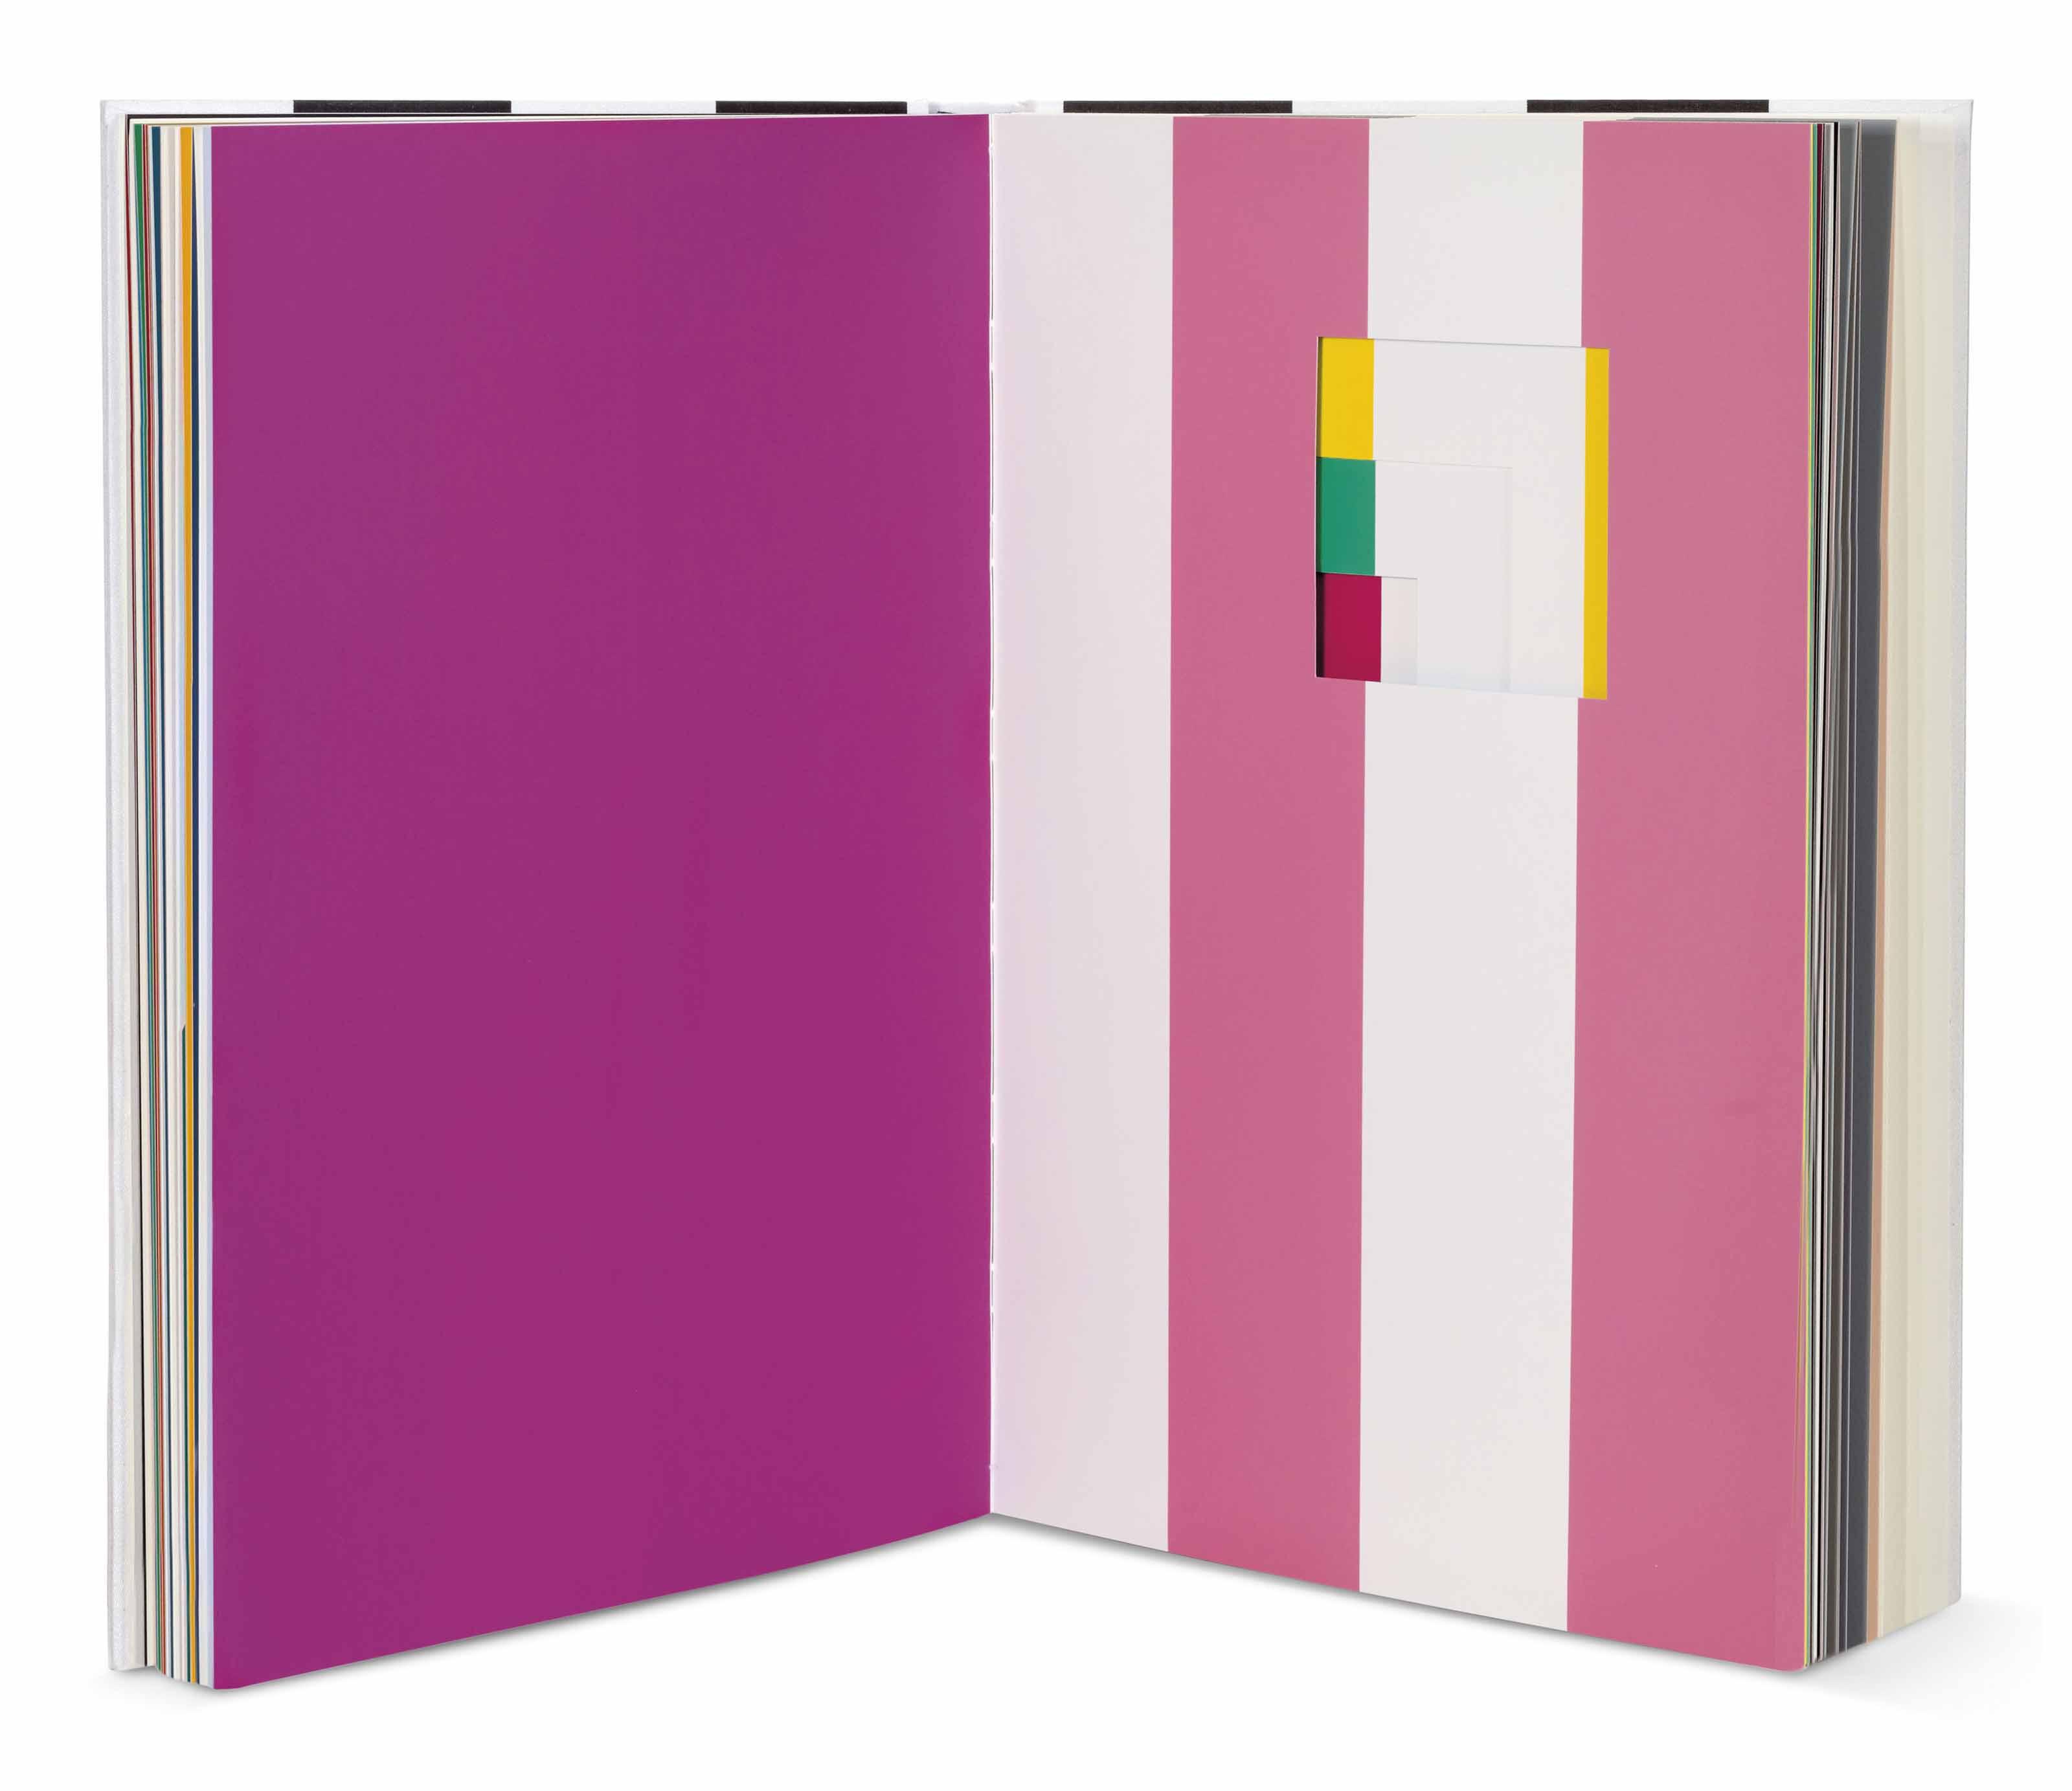 [BUREN, Daniel (1938)] - CESAIRE, Aimé (1913 – 2008). Cahier d'un retour au pays natal. Paris, Editions du Solstice, 2004.